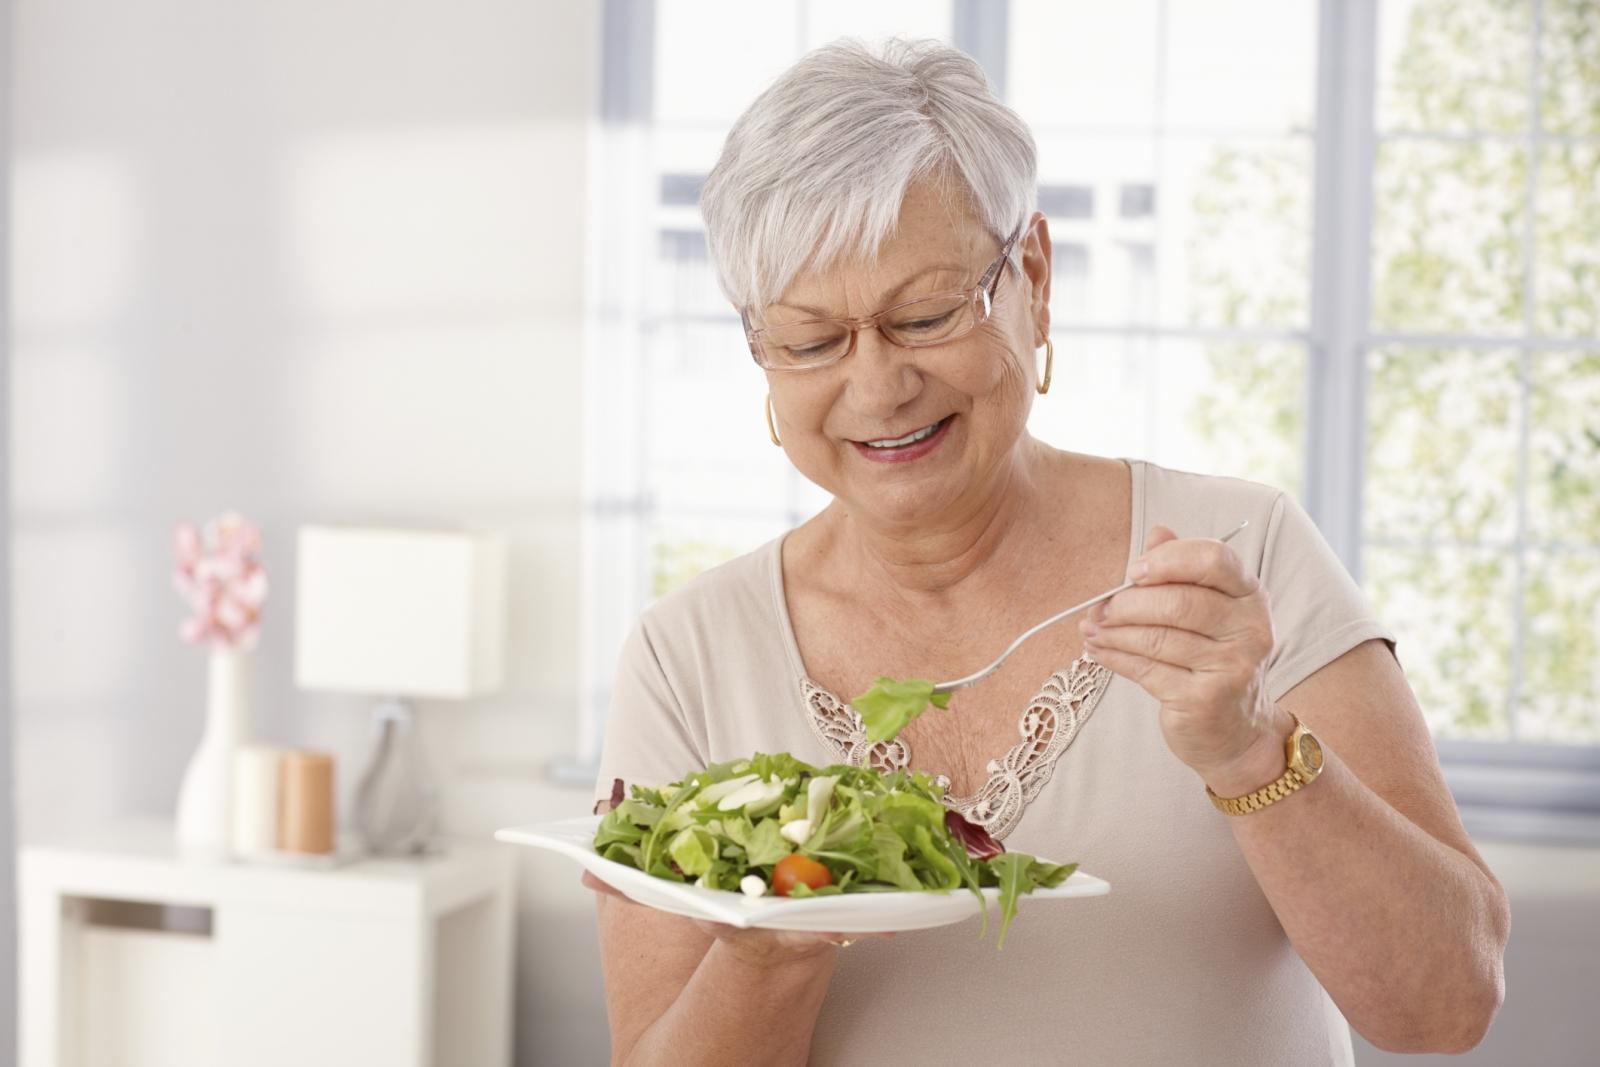 Diete Per Perdere Peso In Menopausa : Dieta dimagrante in menopausa consigli da non perdere pourfemme